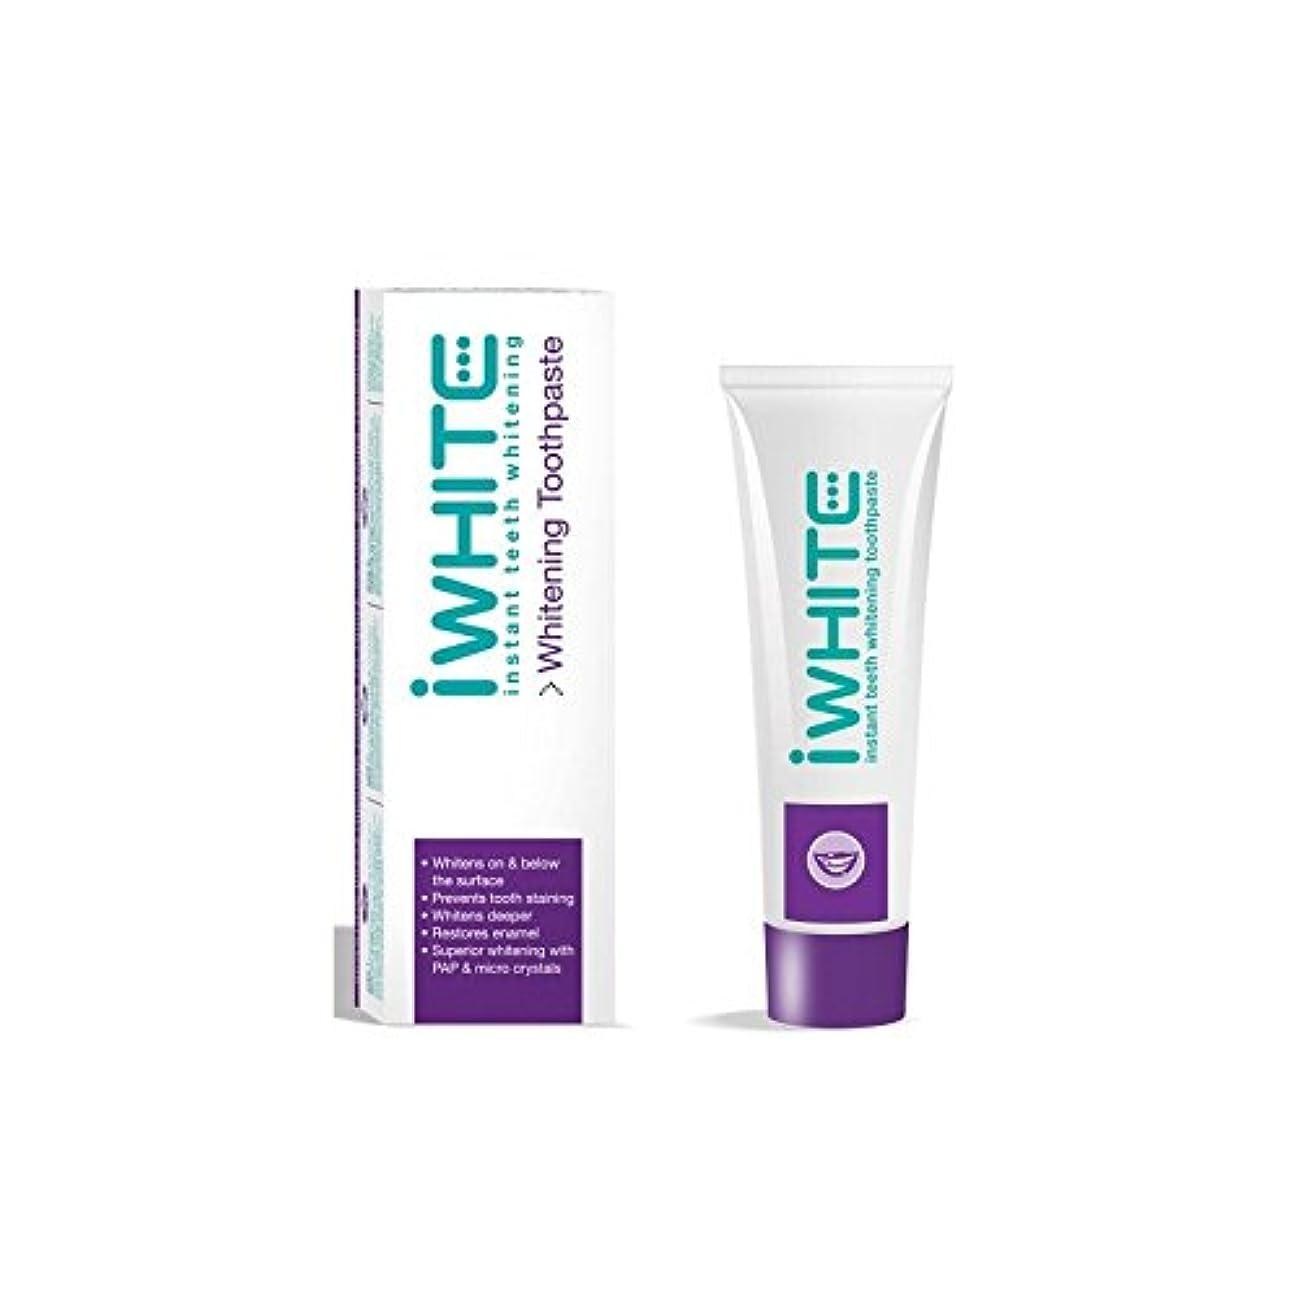 関係ないびっくりした少なくとも歯磨き粉を白くインスタント歯(75ミリリットル) x4 - iWhite Instant Teeth Whitening Toothpaste (75ml) (Pack of 4) [並行輸入品]